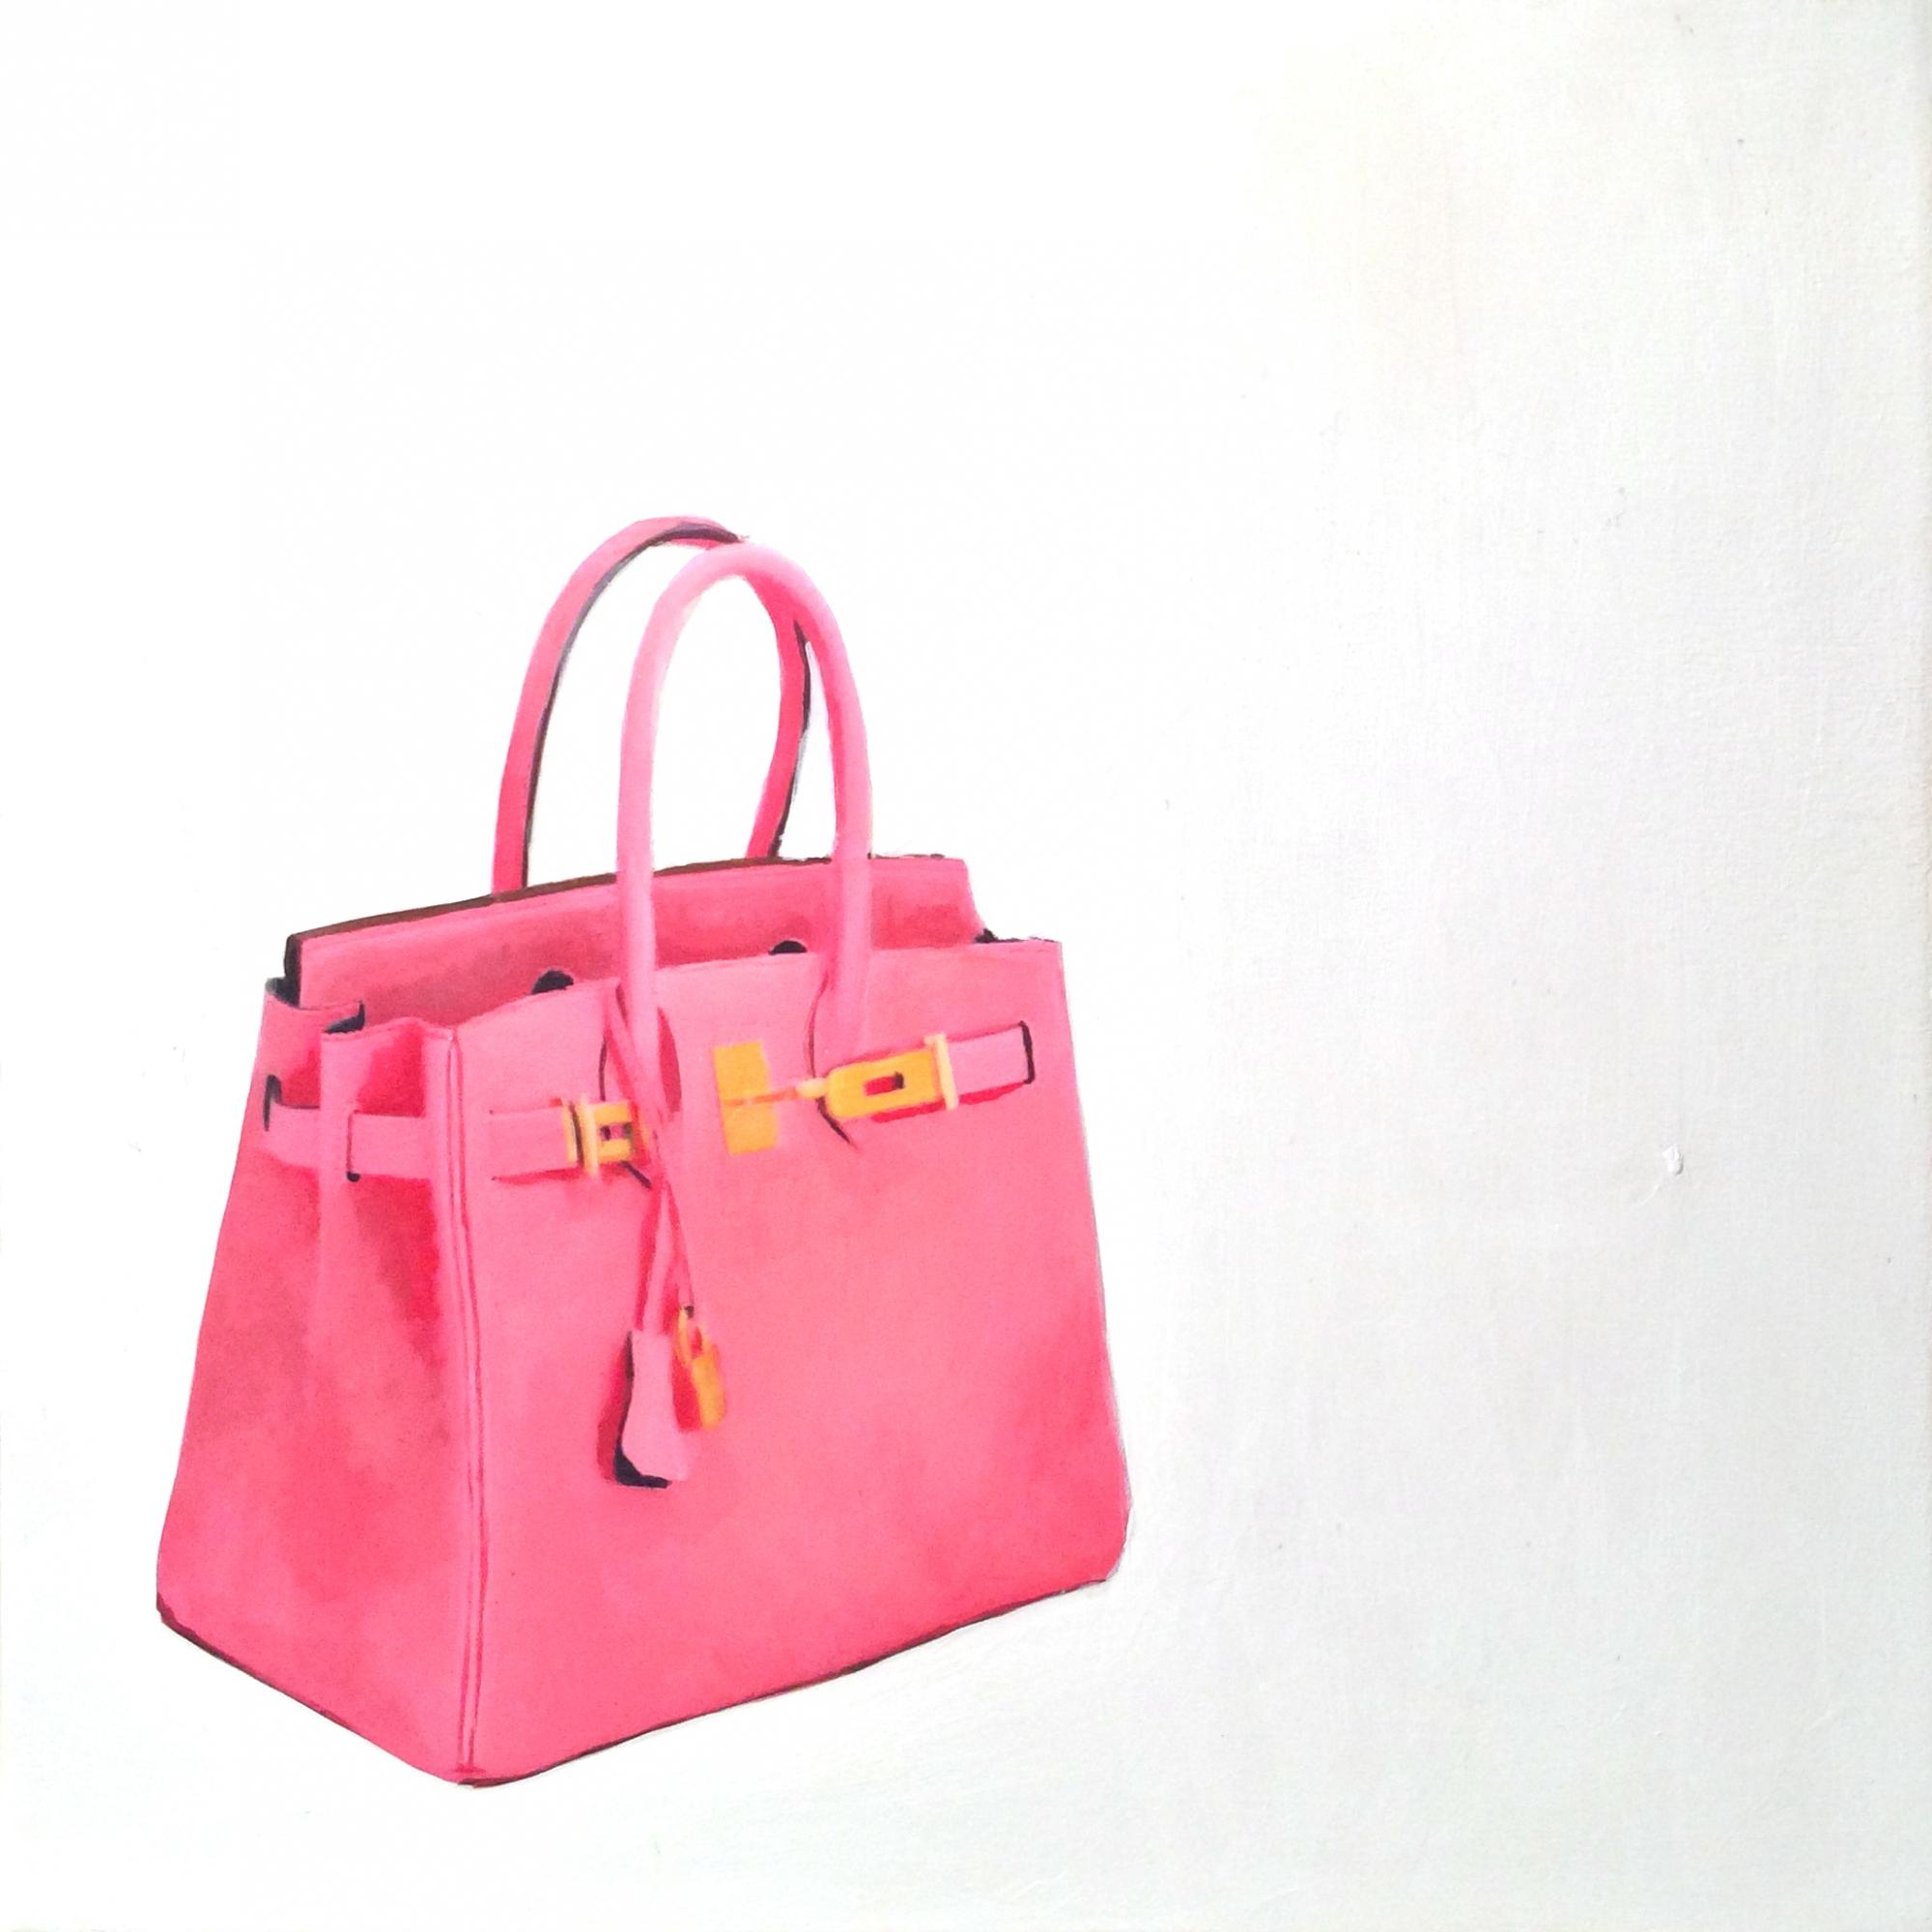 pink bag by EM Vincent